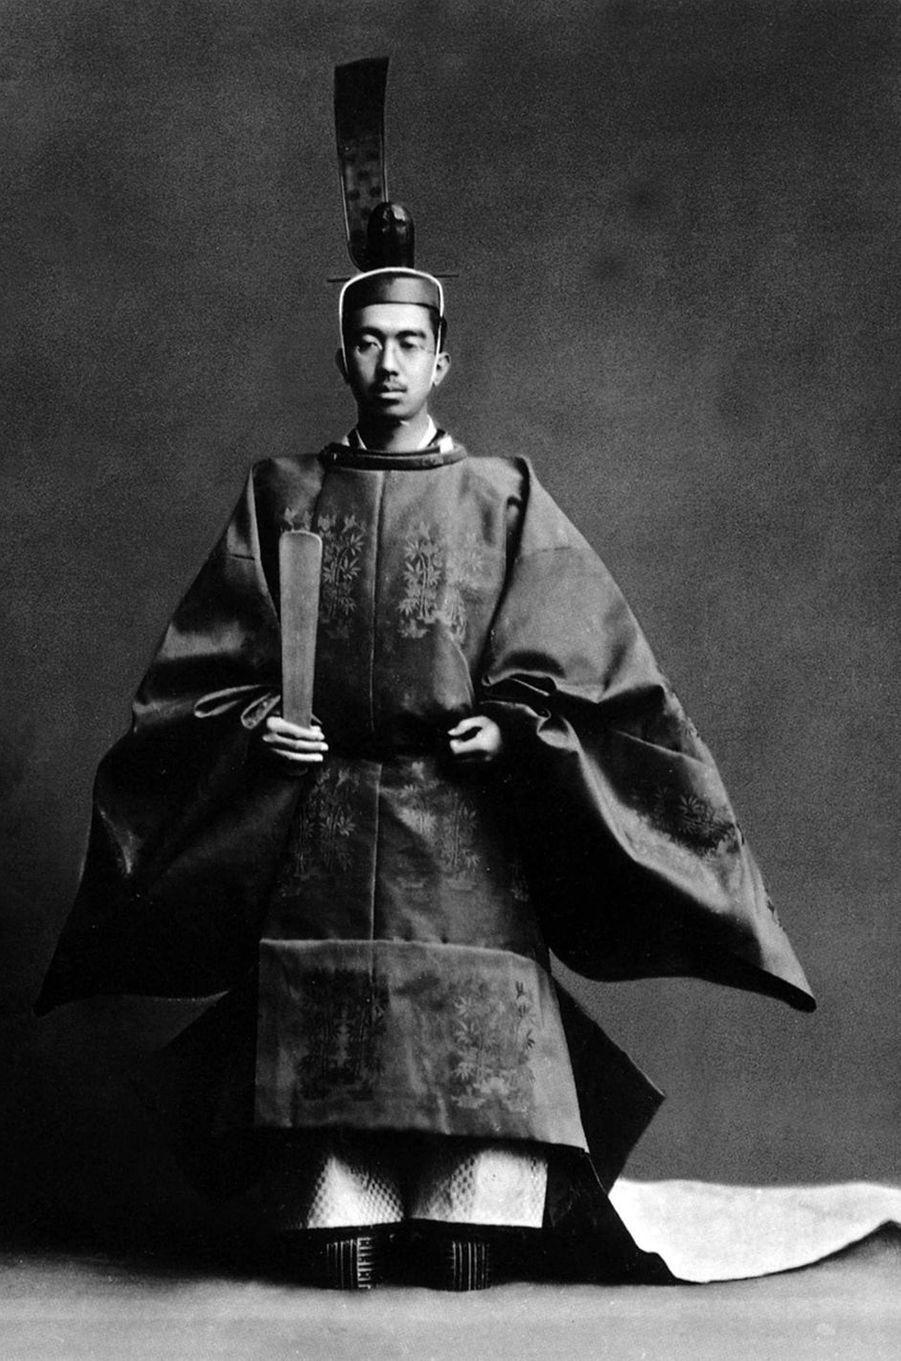 L'empereur Hirohito du Japon, le jour de son couronnement le 25 décembre 1926